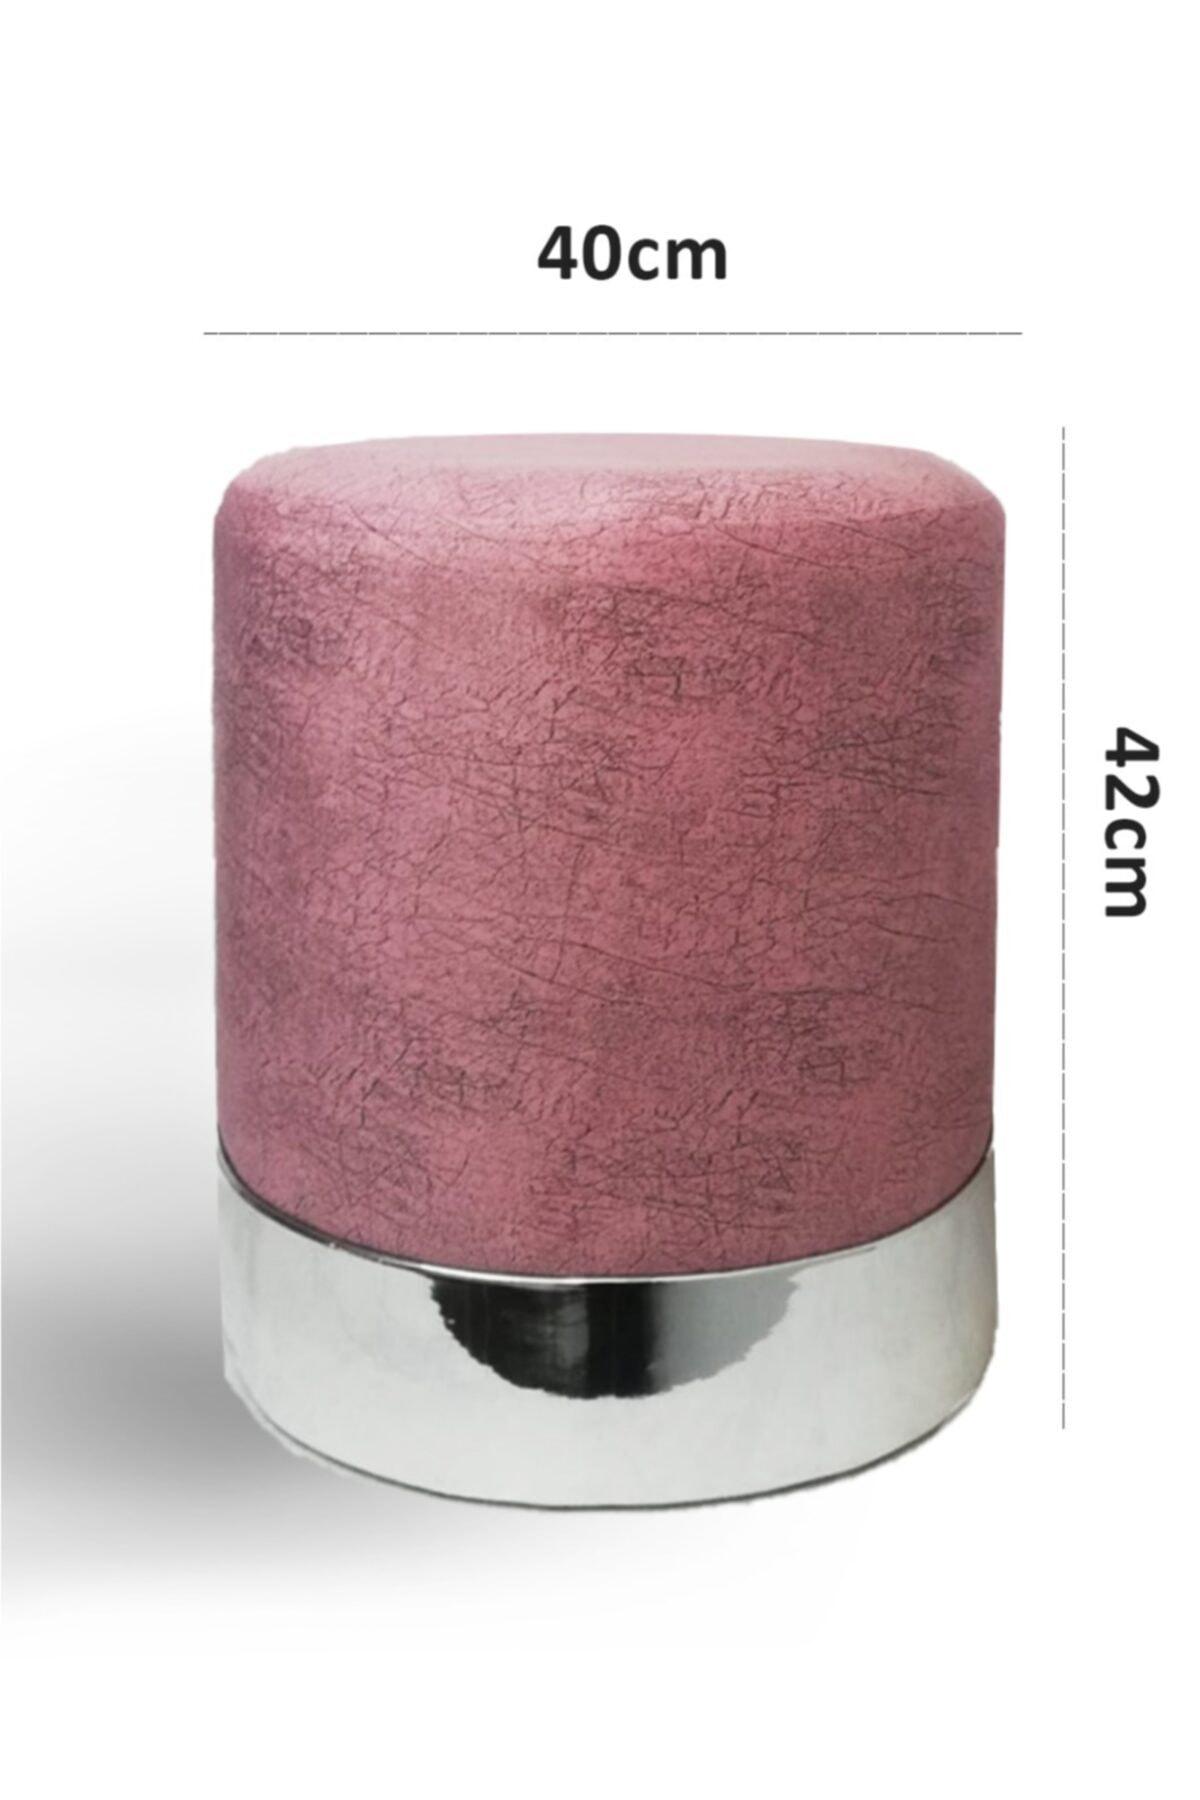 Zem Queen Rose - Silver Puf 2